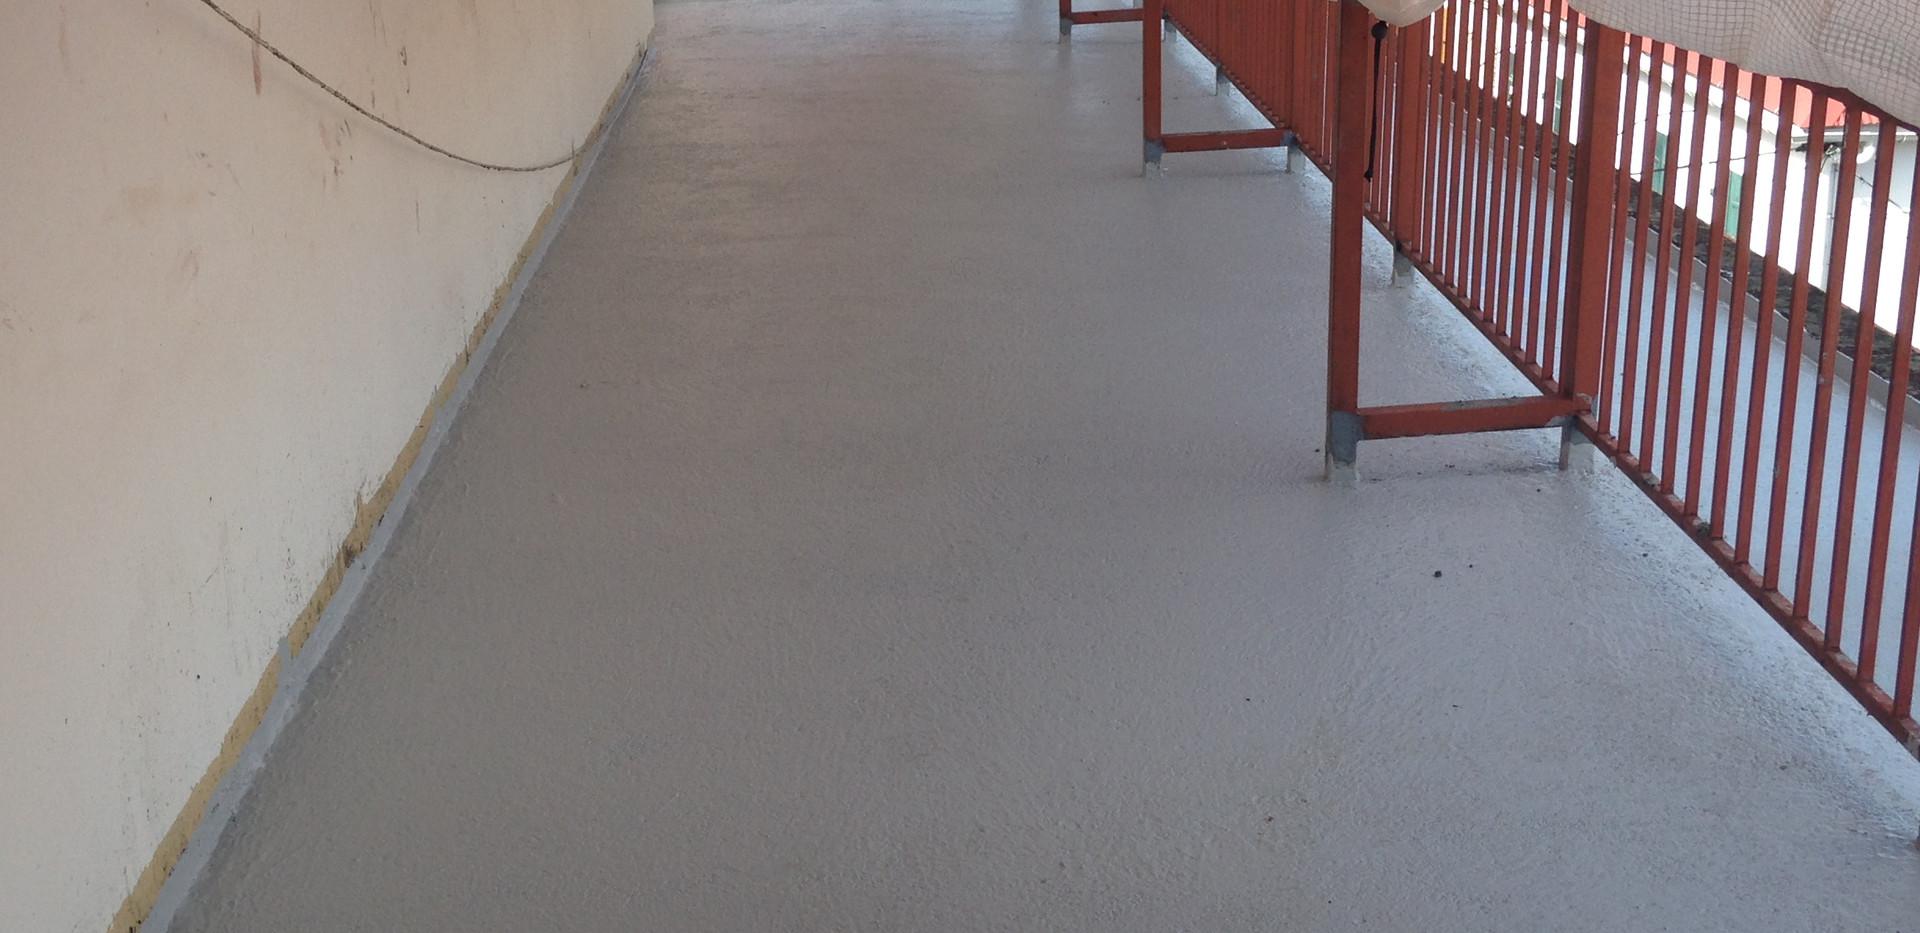 Travaux de maconnerie 10 ESO BTP - Travaux de construction et rénovation - Guadeloupe